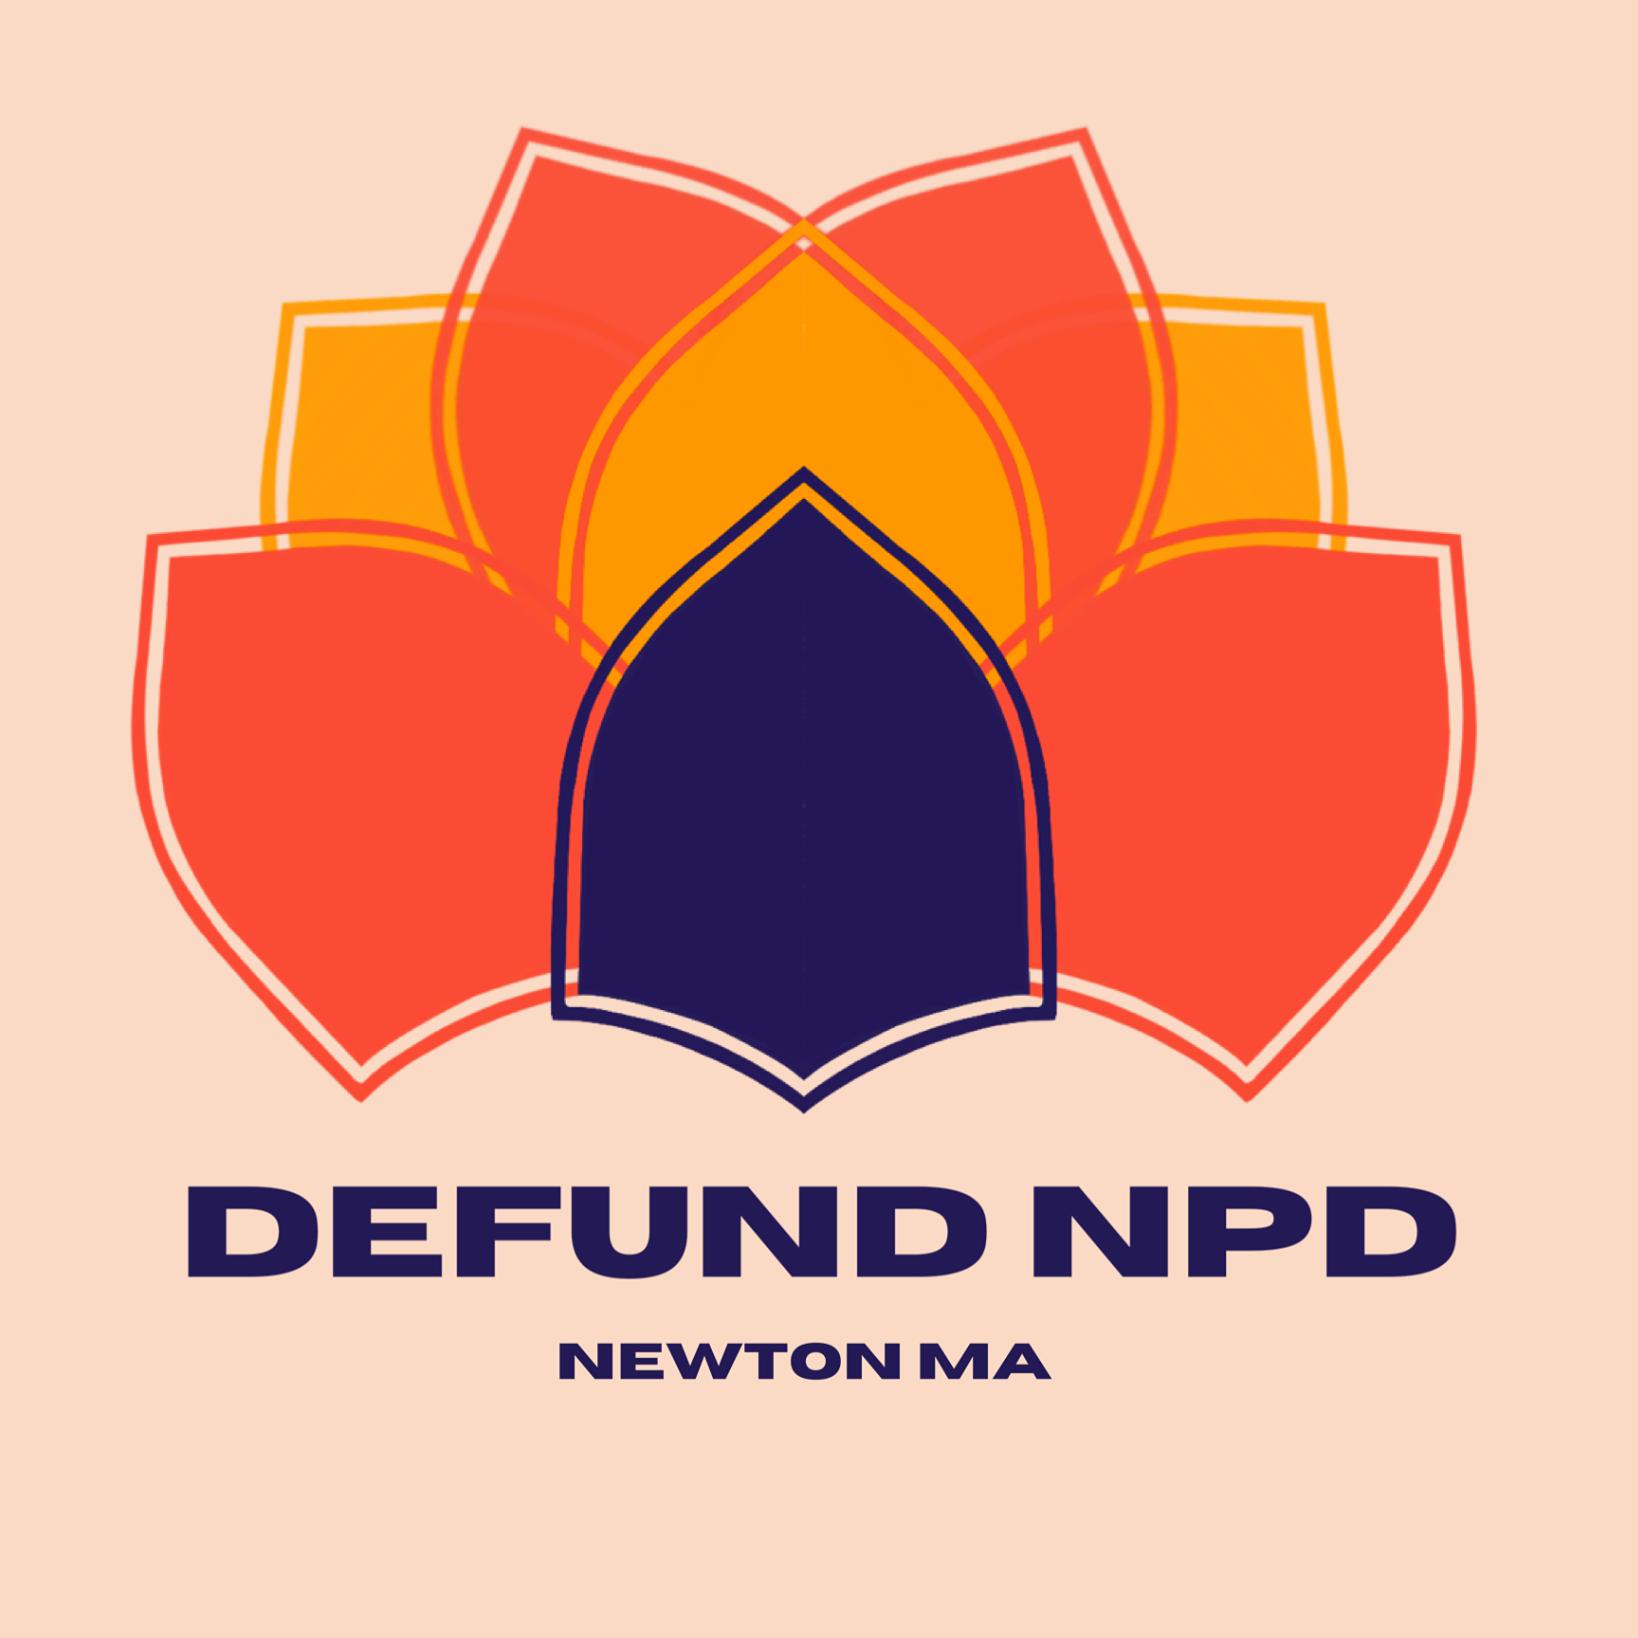 Defound NPD